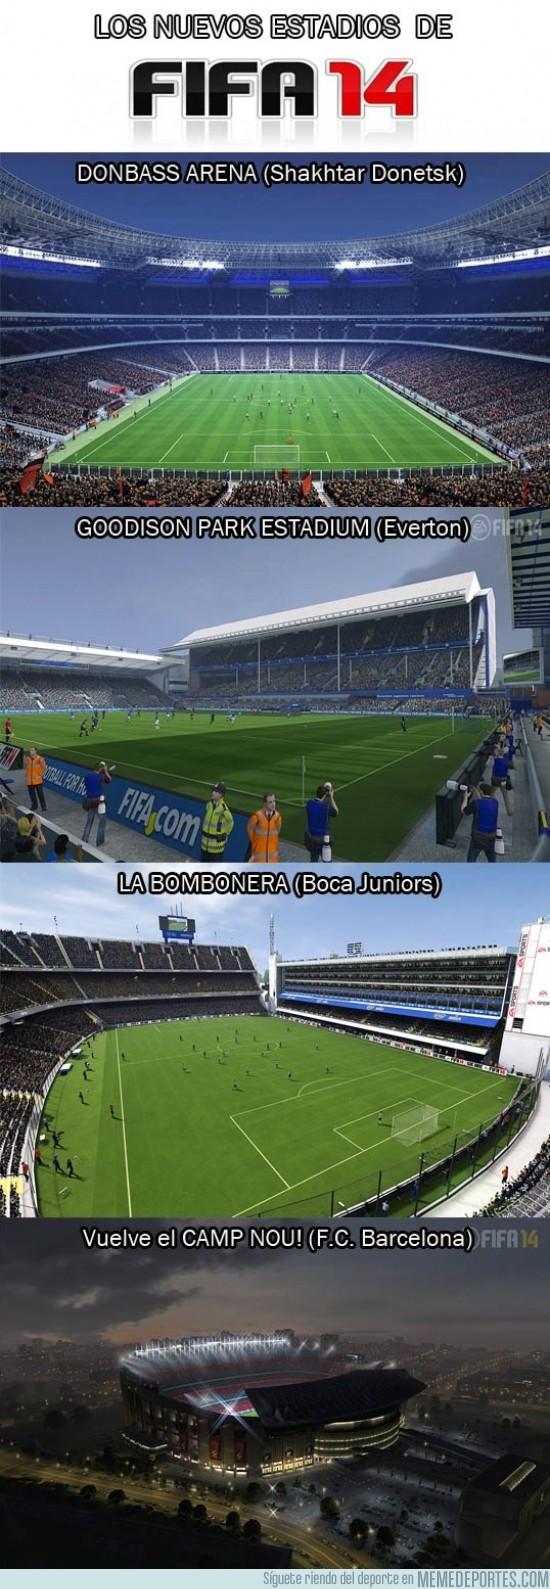 178769 - Los nuevos estadios del FIFA 14